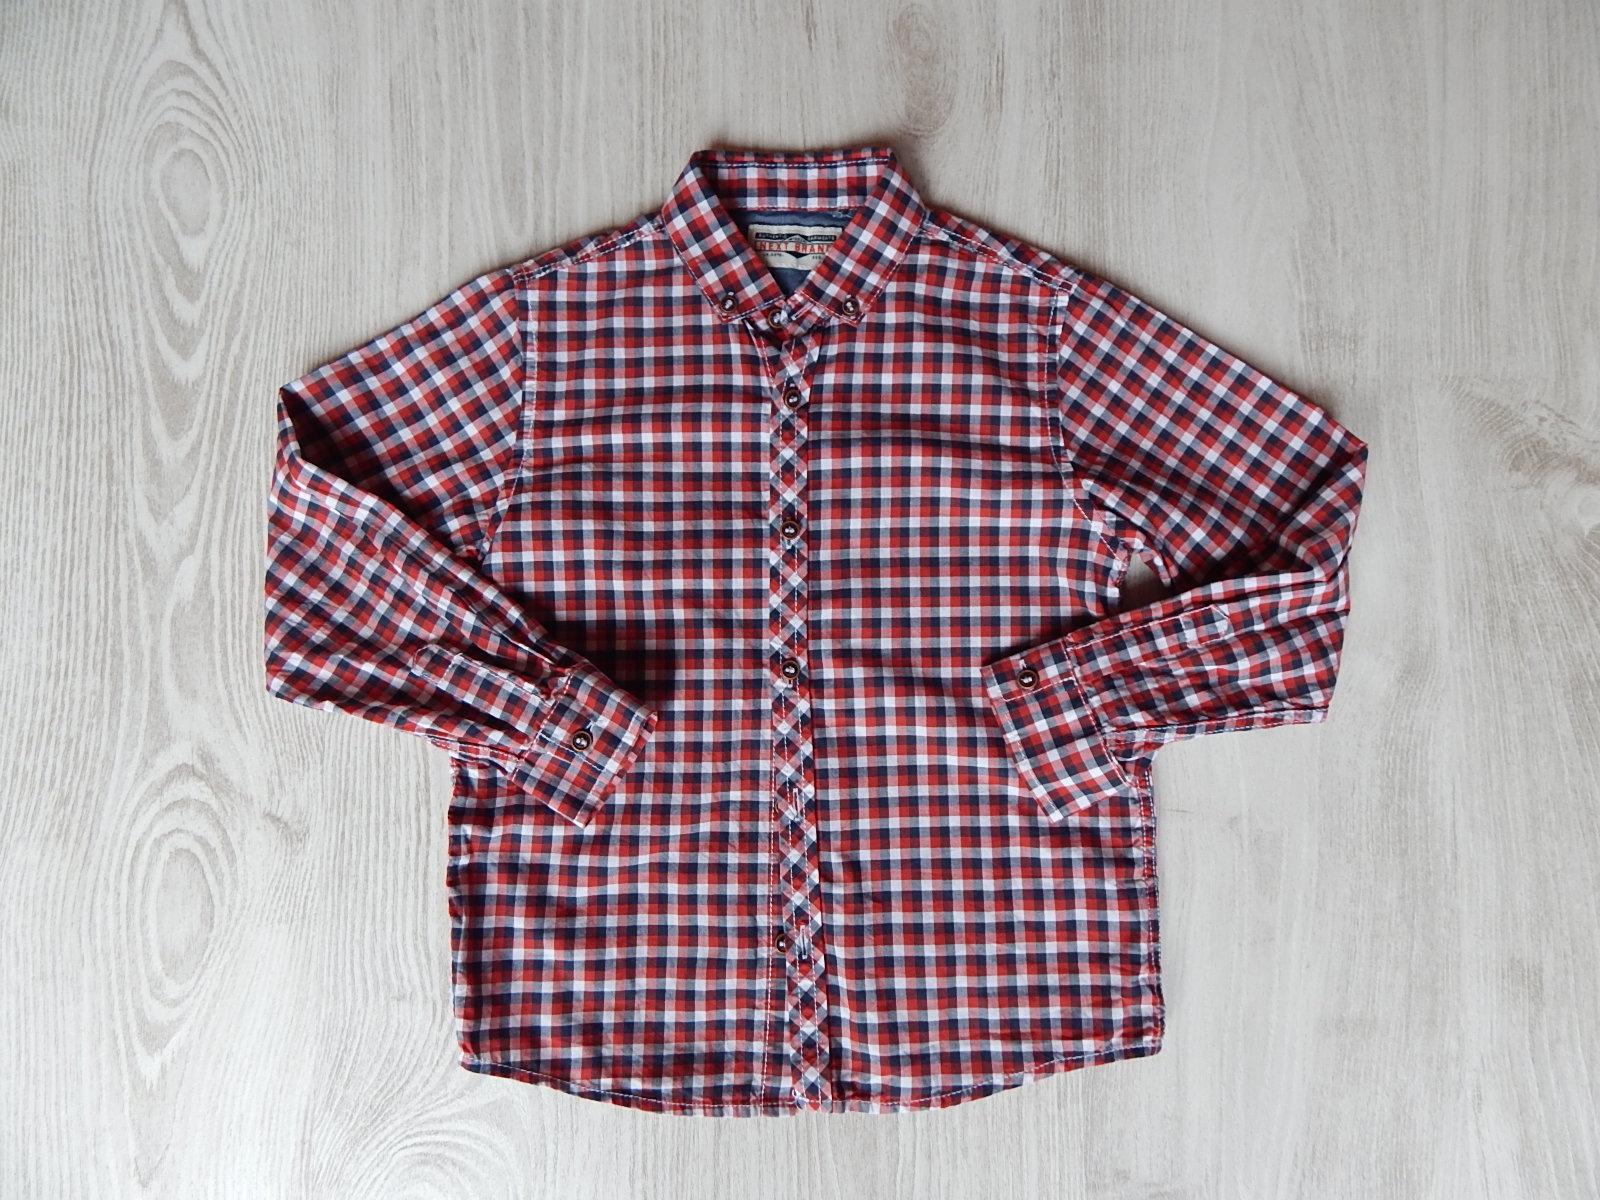 64a40d4be7 Next kockás ing [116 (6 év) / Fiú ruhák] :: Lótusz Gyerekruha Webshop